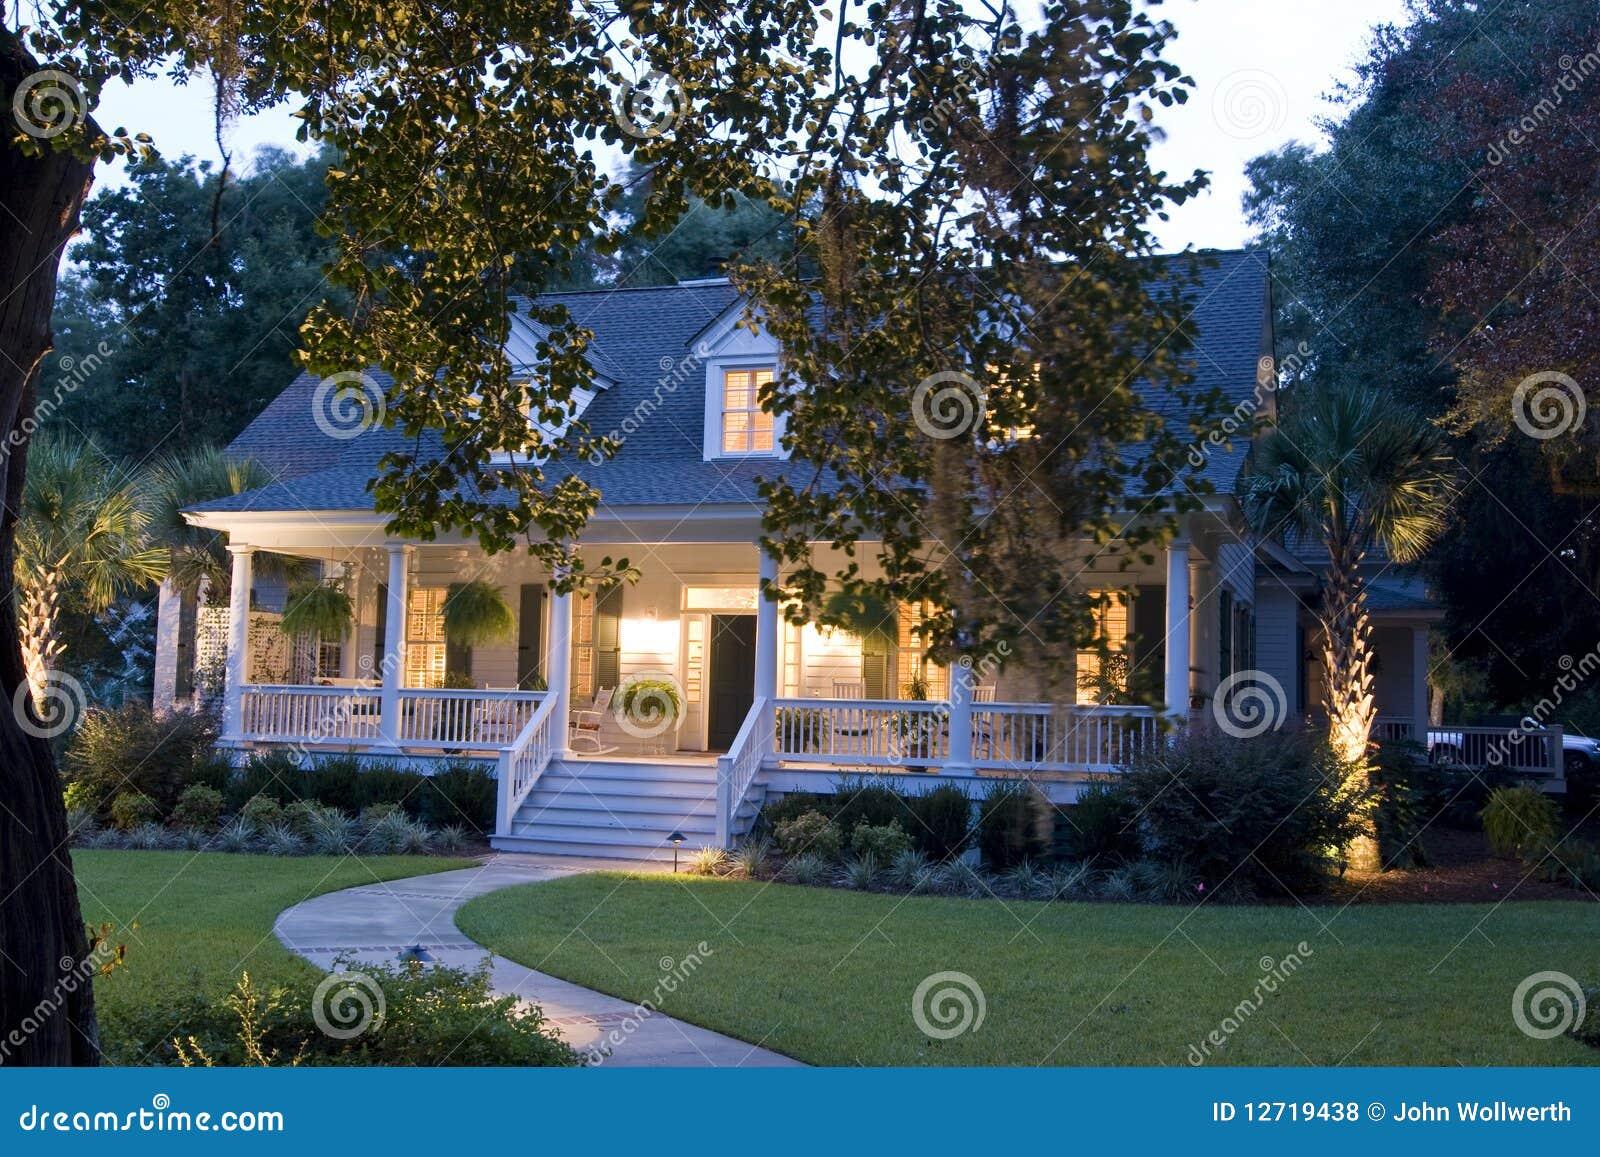 Casa del capo cod fotografie stock libere da diritti for Semplici piani per la casa del merluzzo cape